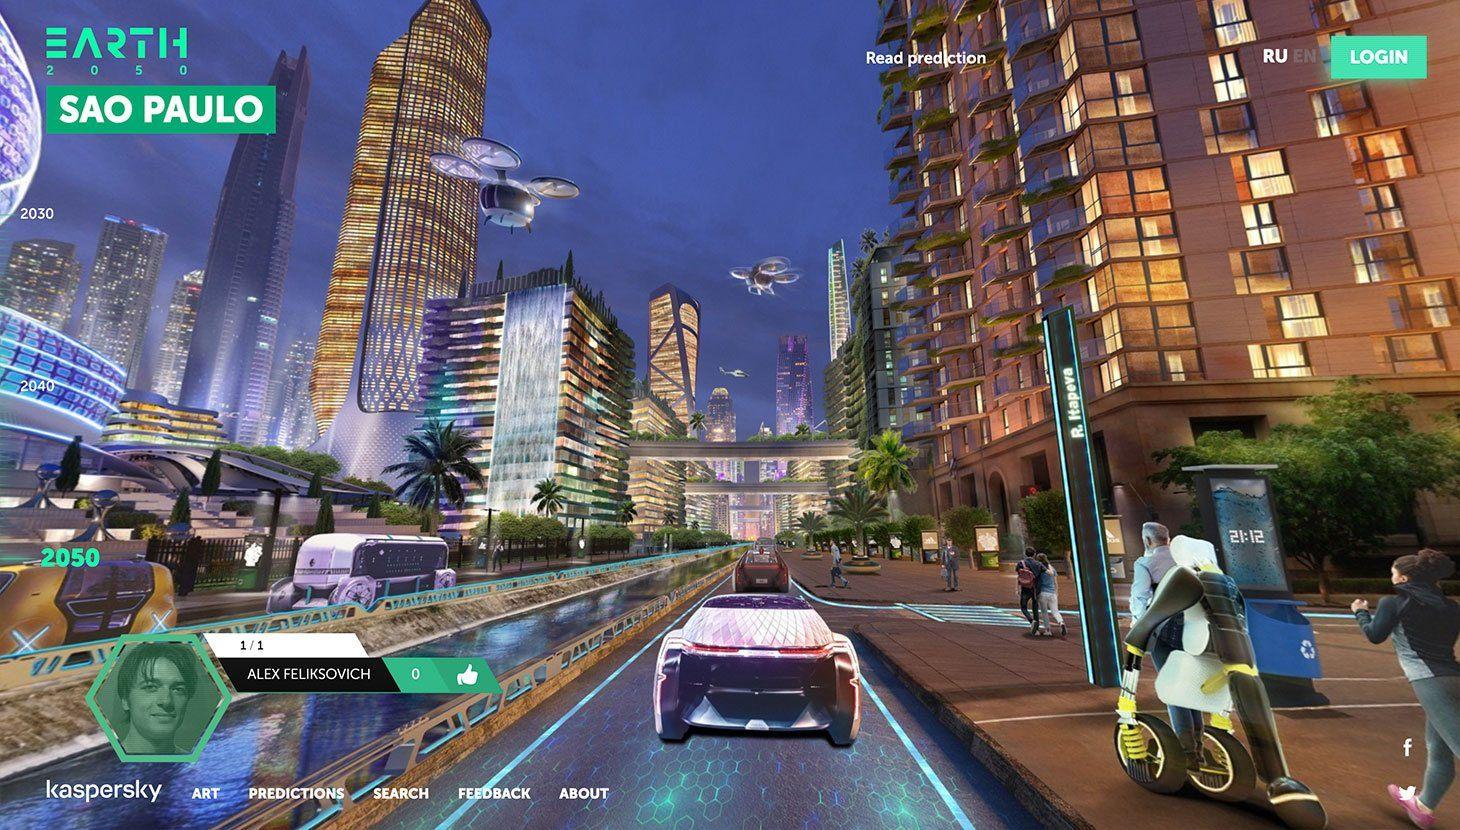 São Paulo en Earth 2050